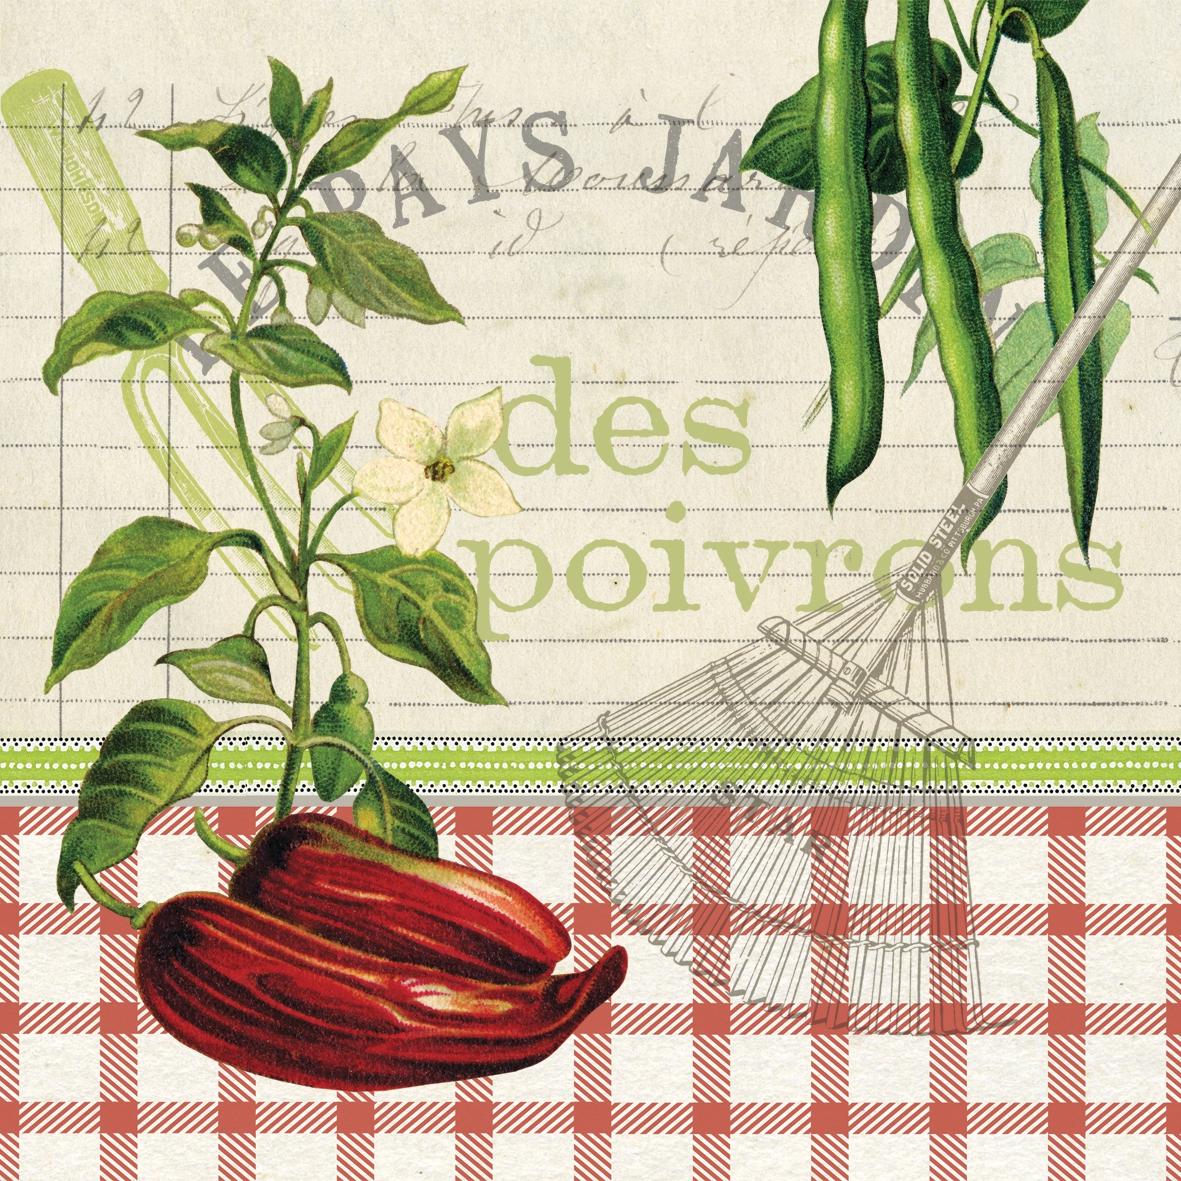 Cocktail Servietten Les Poivrons ,  Gemüse -  Sonstiges,  Everyday,  cocktail servietten,  Paprika,  Bohnen,  Schriften